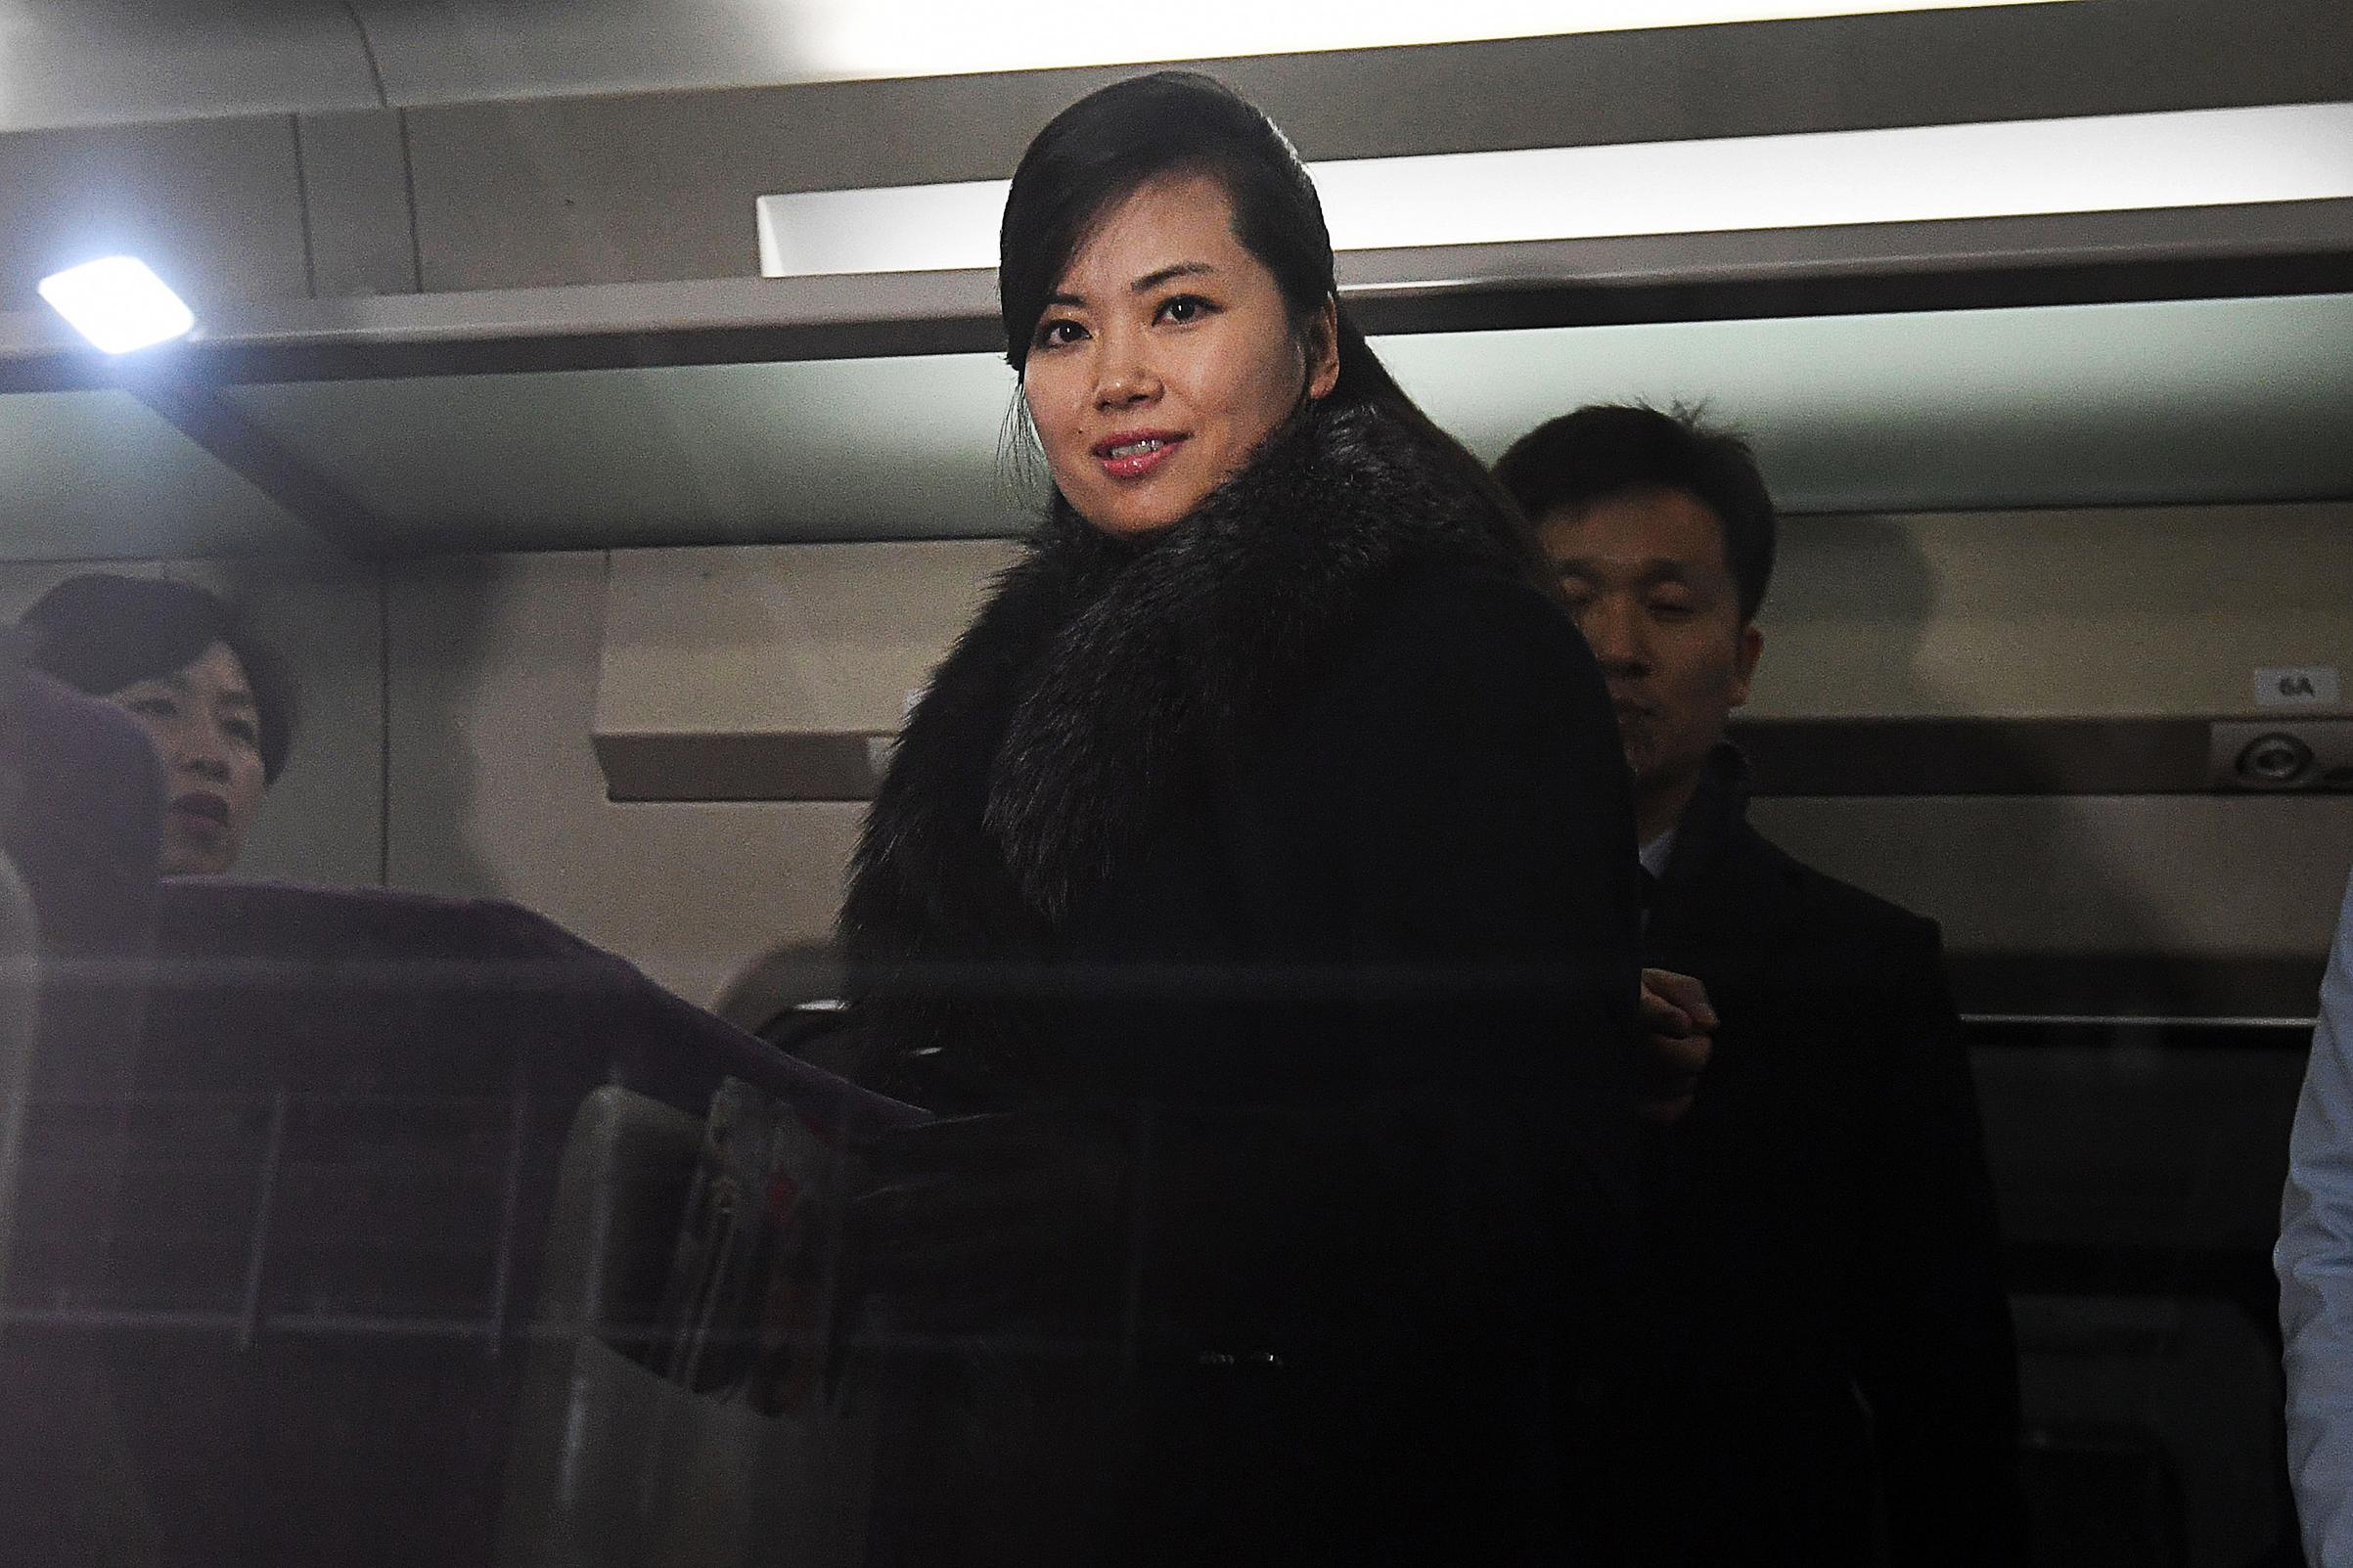 هيون سونغ المطربة الشهيرة